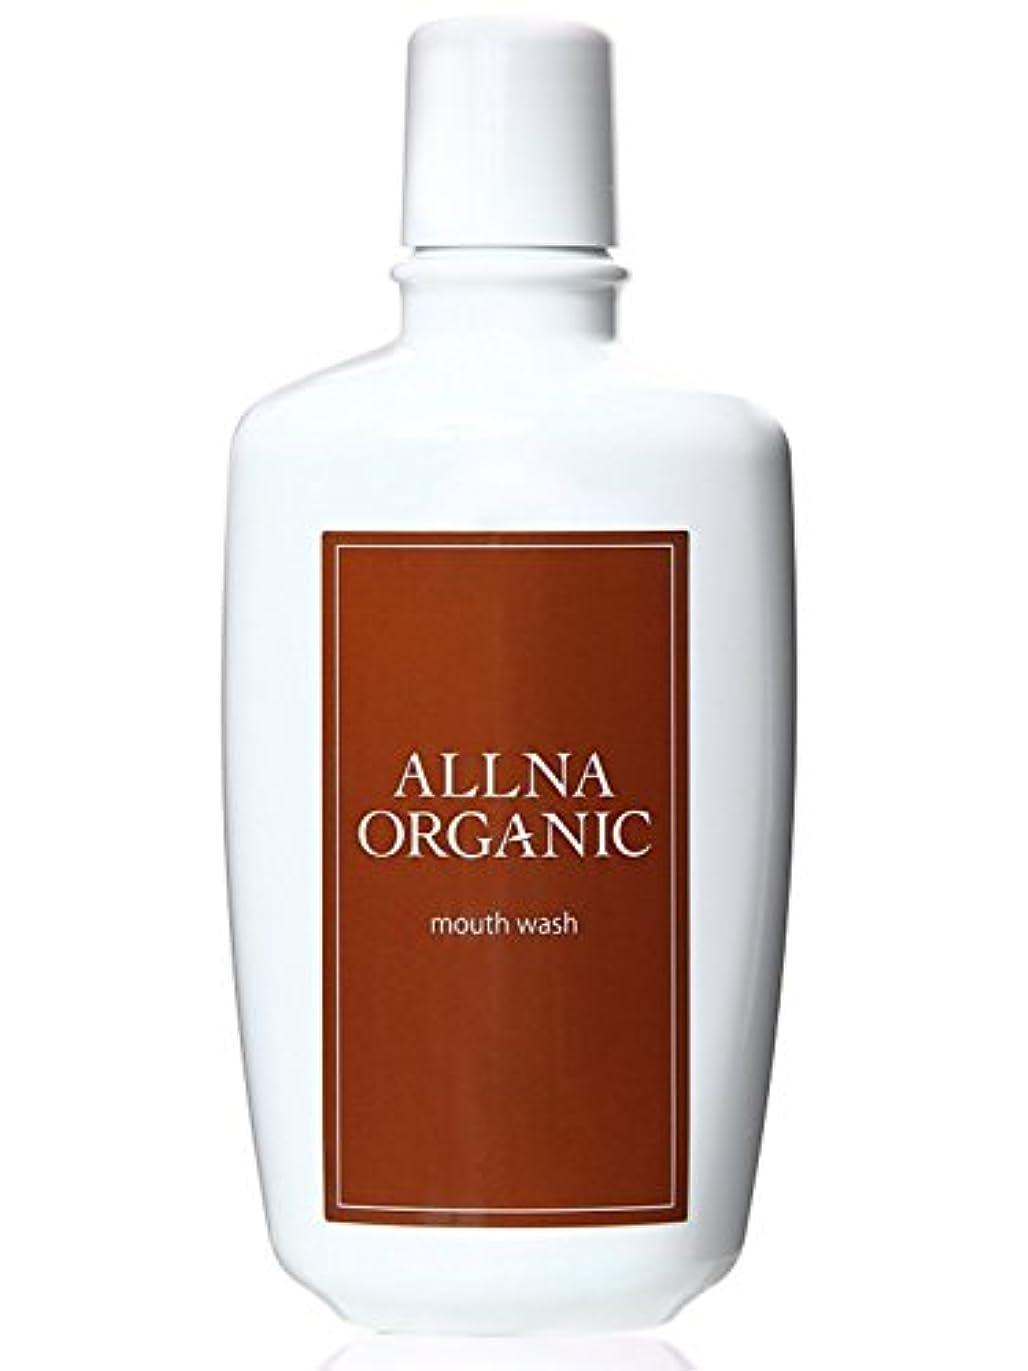 アストロラーベシールドダイアクリティカルマウスウォッシュ ノンアルコール オルナ オーガニック 低刺激処方 子供にも使える 大人 こども 対応 携帯可能 「汚れが見える洗口液」 日本製 300ml